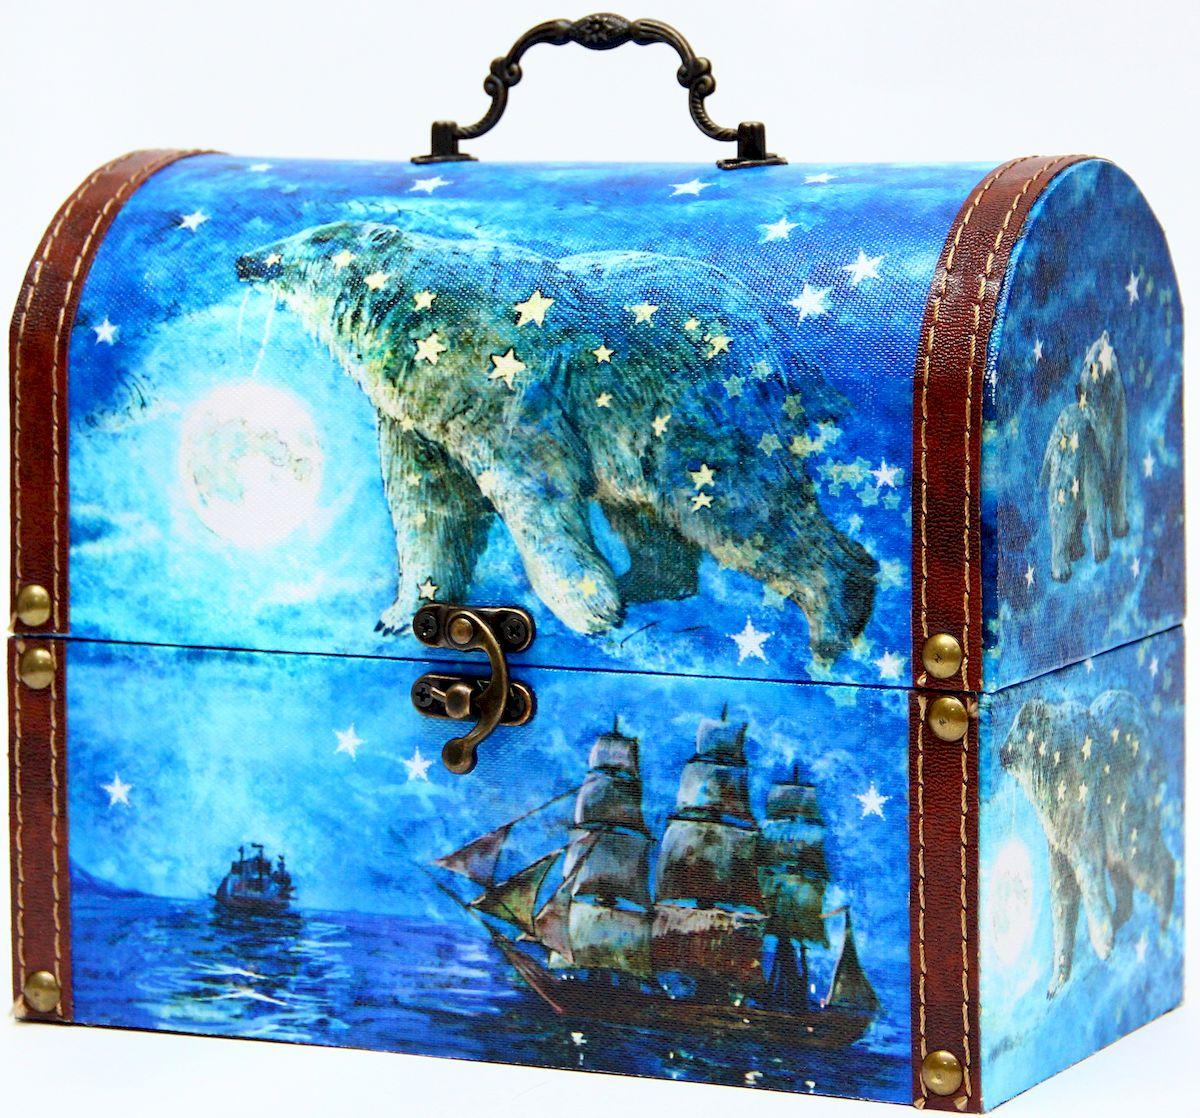 Шкатулка декоративная Magic Home Большая медведица, цвет: синий, 22 х 11 х 17,5 см42745Декоративная шкатулка Magic Home Большая медведица, выполненная из МДФ, оформлена ярким цветным изображением. Изделие закрывается на металлический замок и оснащено оригинальной ручкой под старину для переноски. Такая шкатулка может использоваться для хранения бижутерии, предметов рукоделия, в качестве украшения интерьера, а также послужит хорошим подарком для человека, ценящего практичные и оригинальные вещицы.